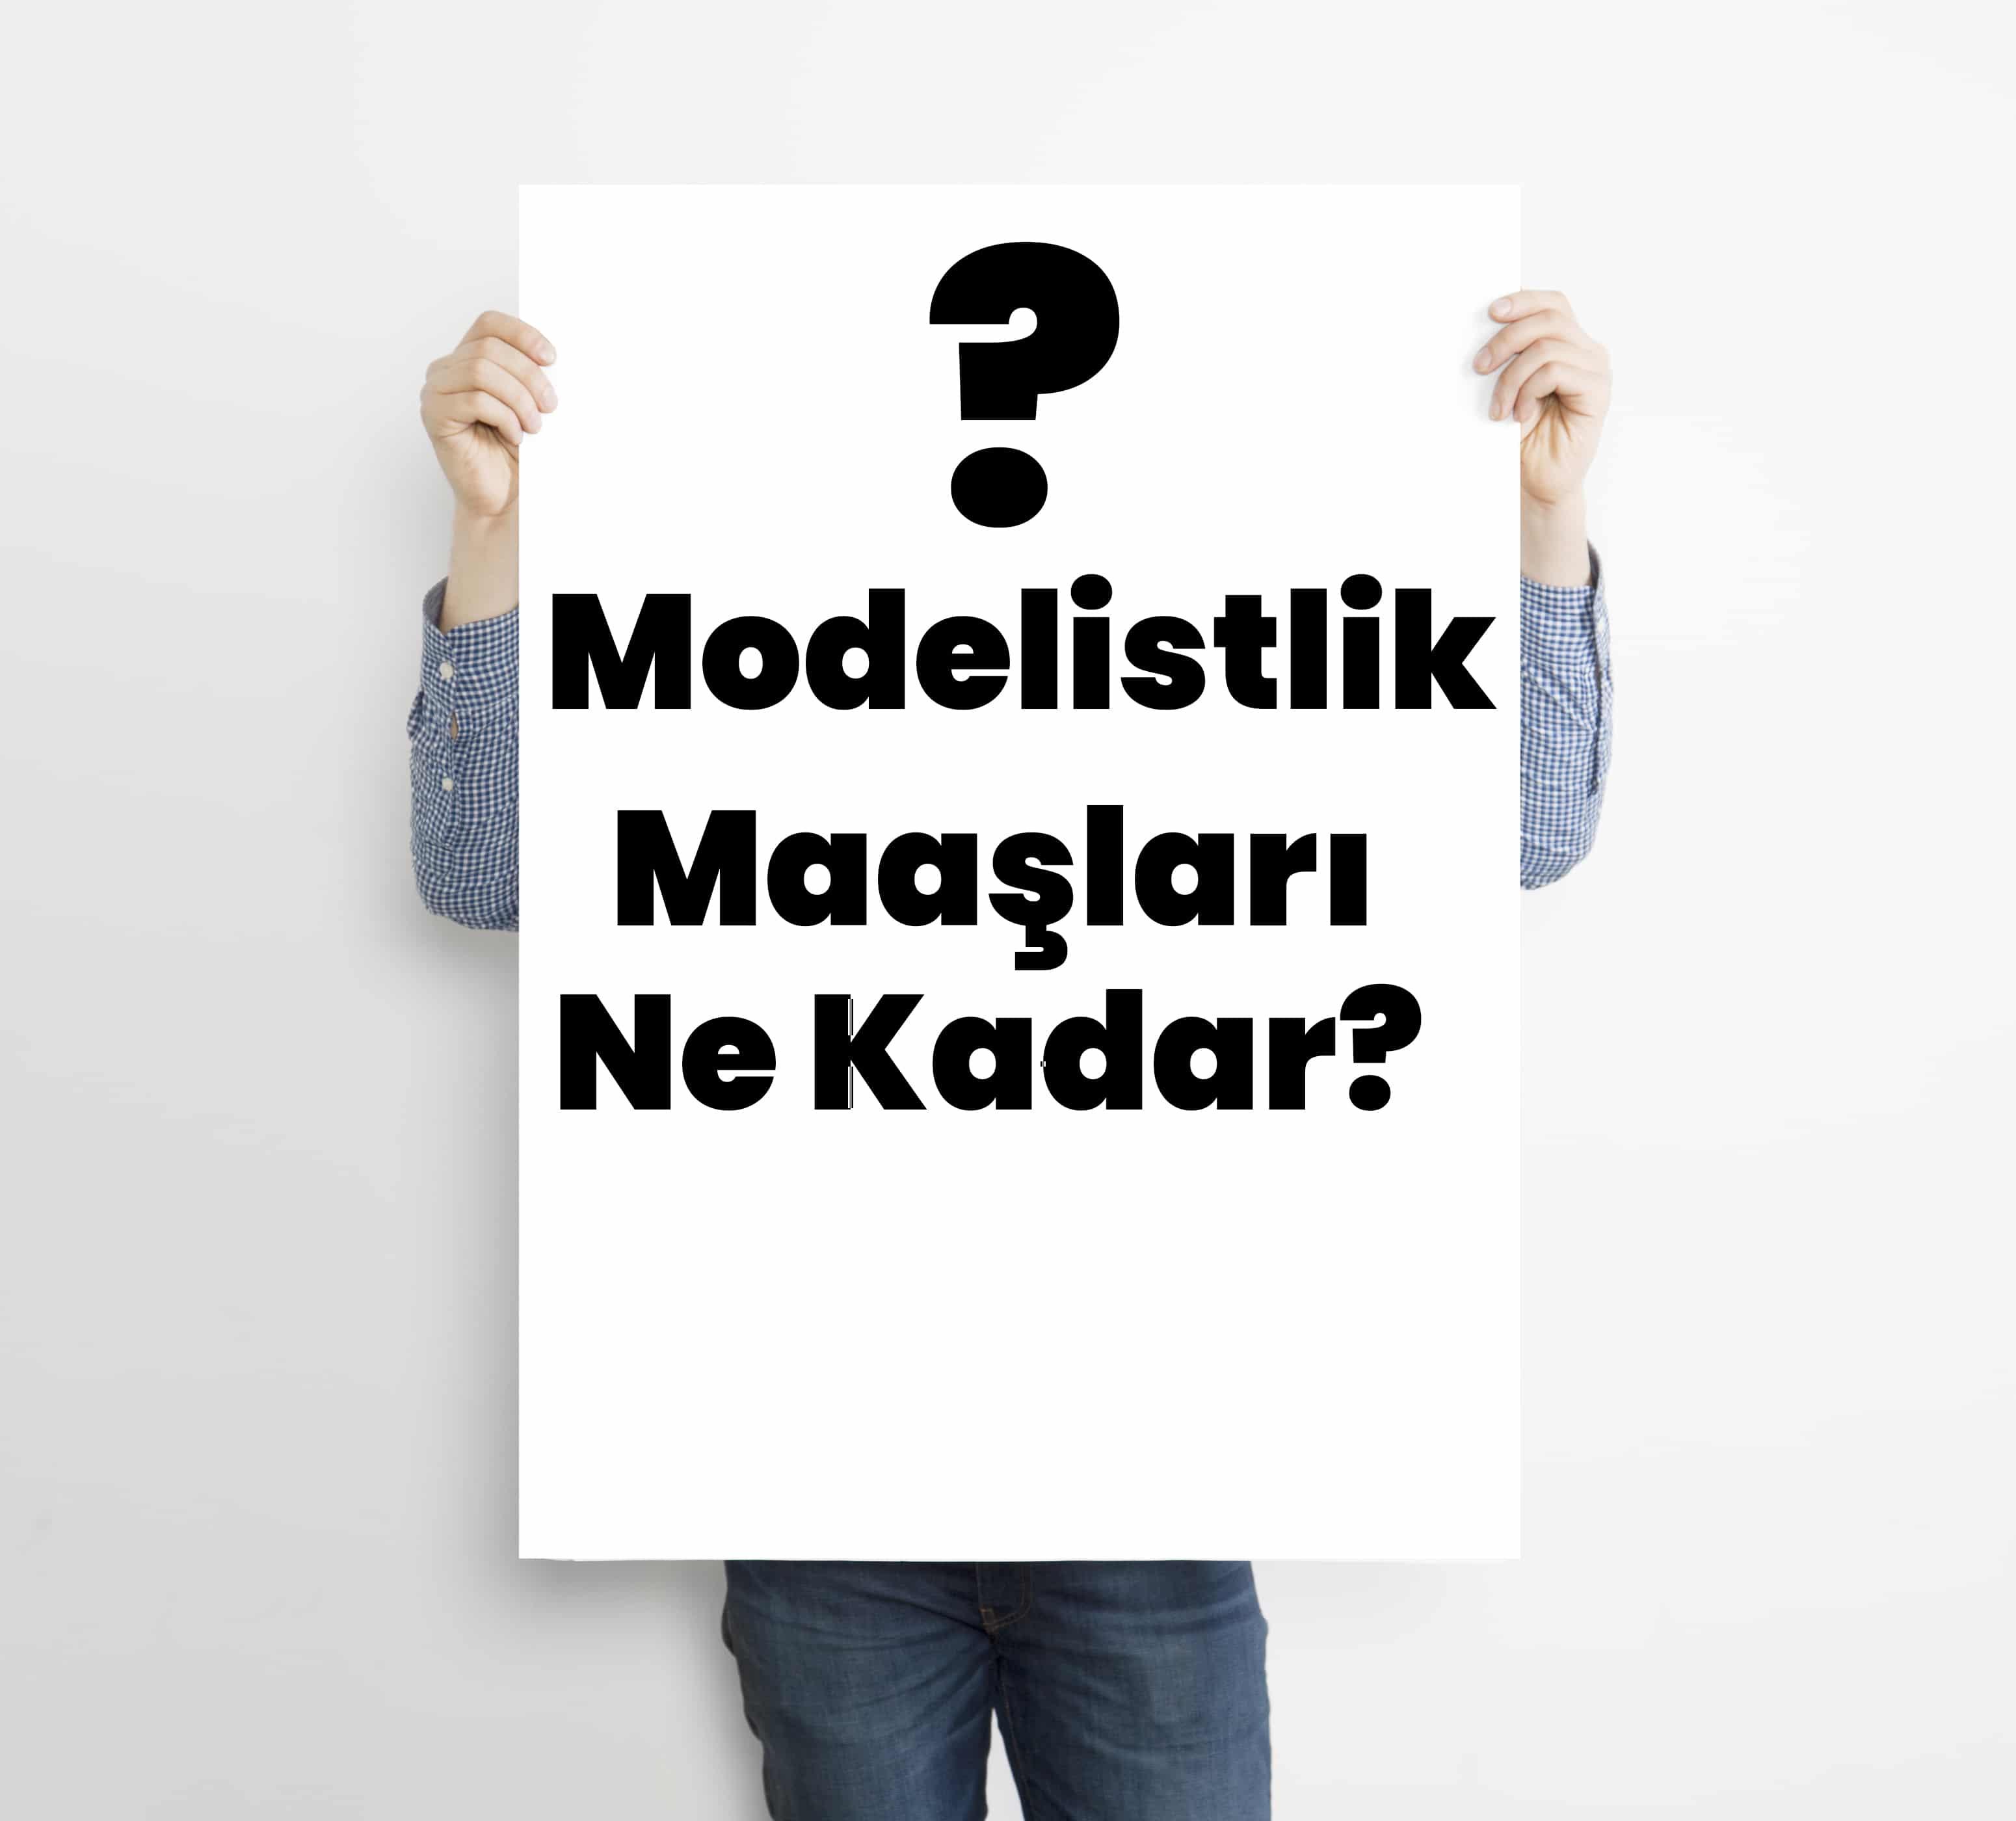 modelistlik maaşları ne kadar?